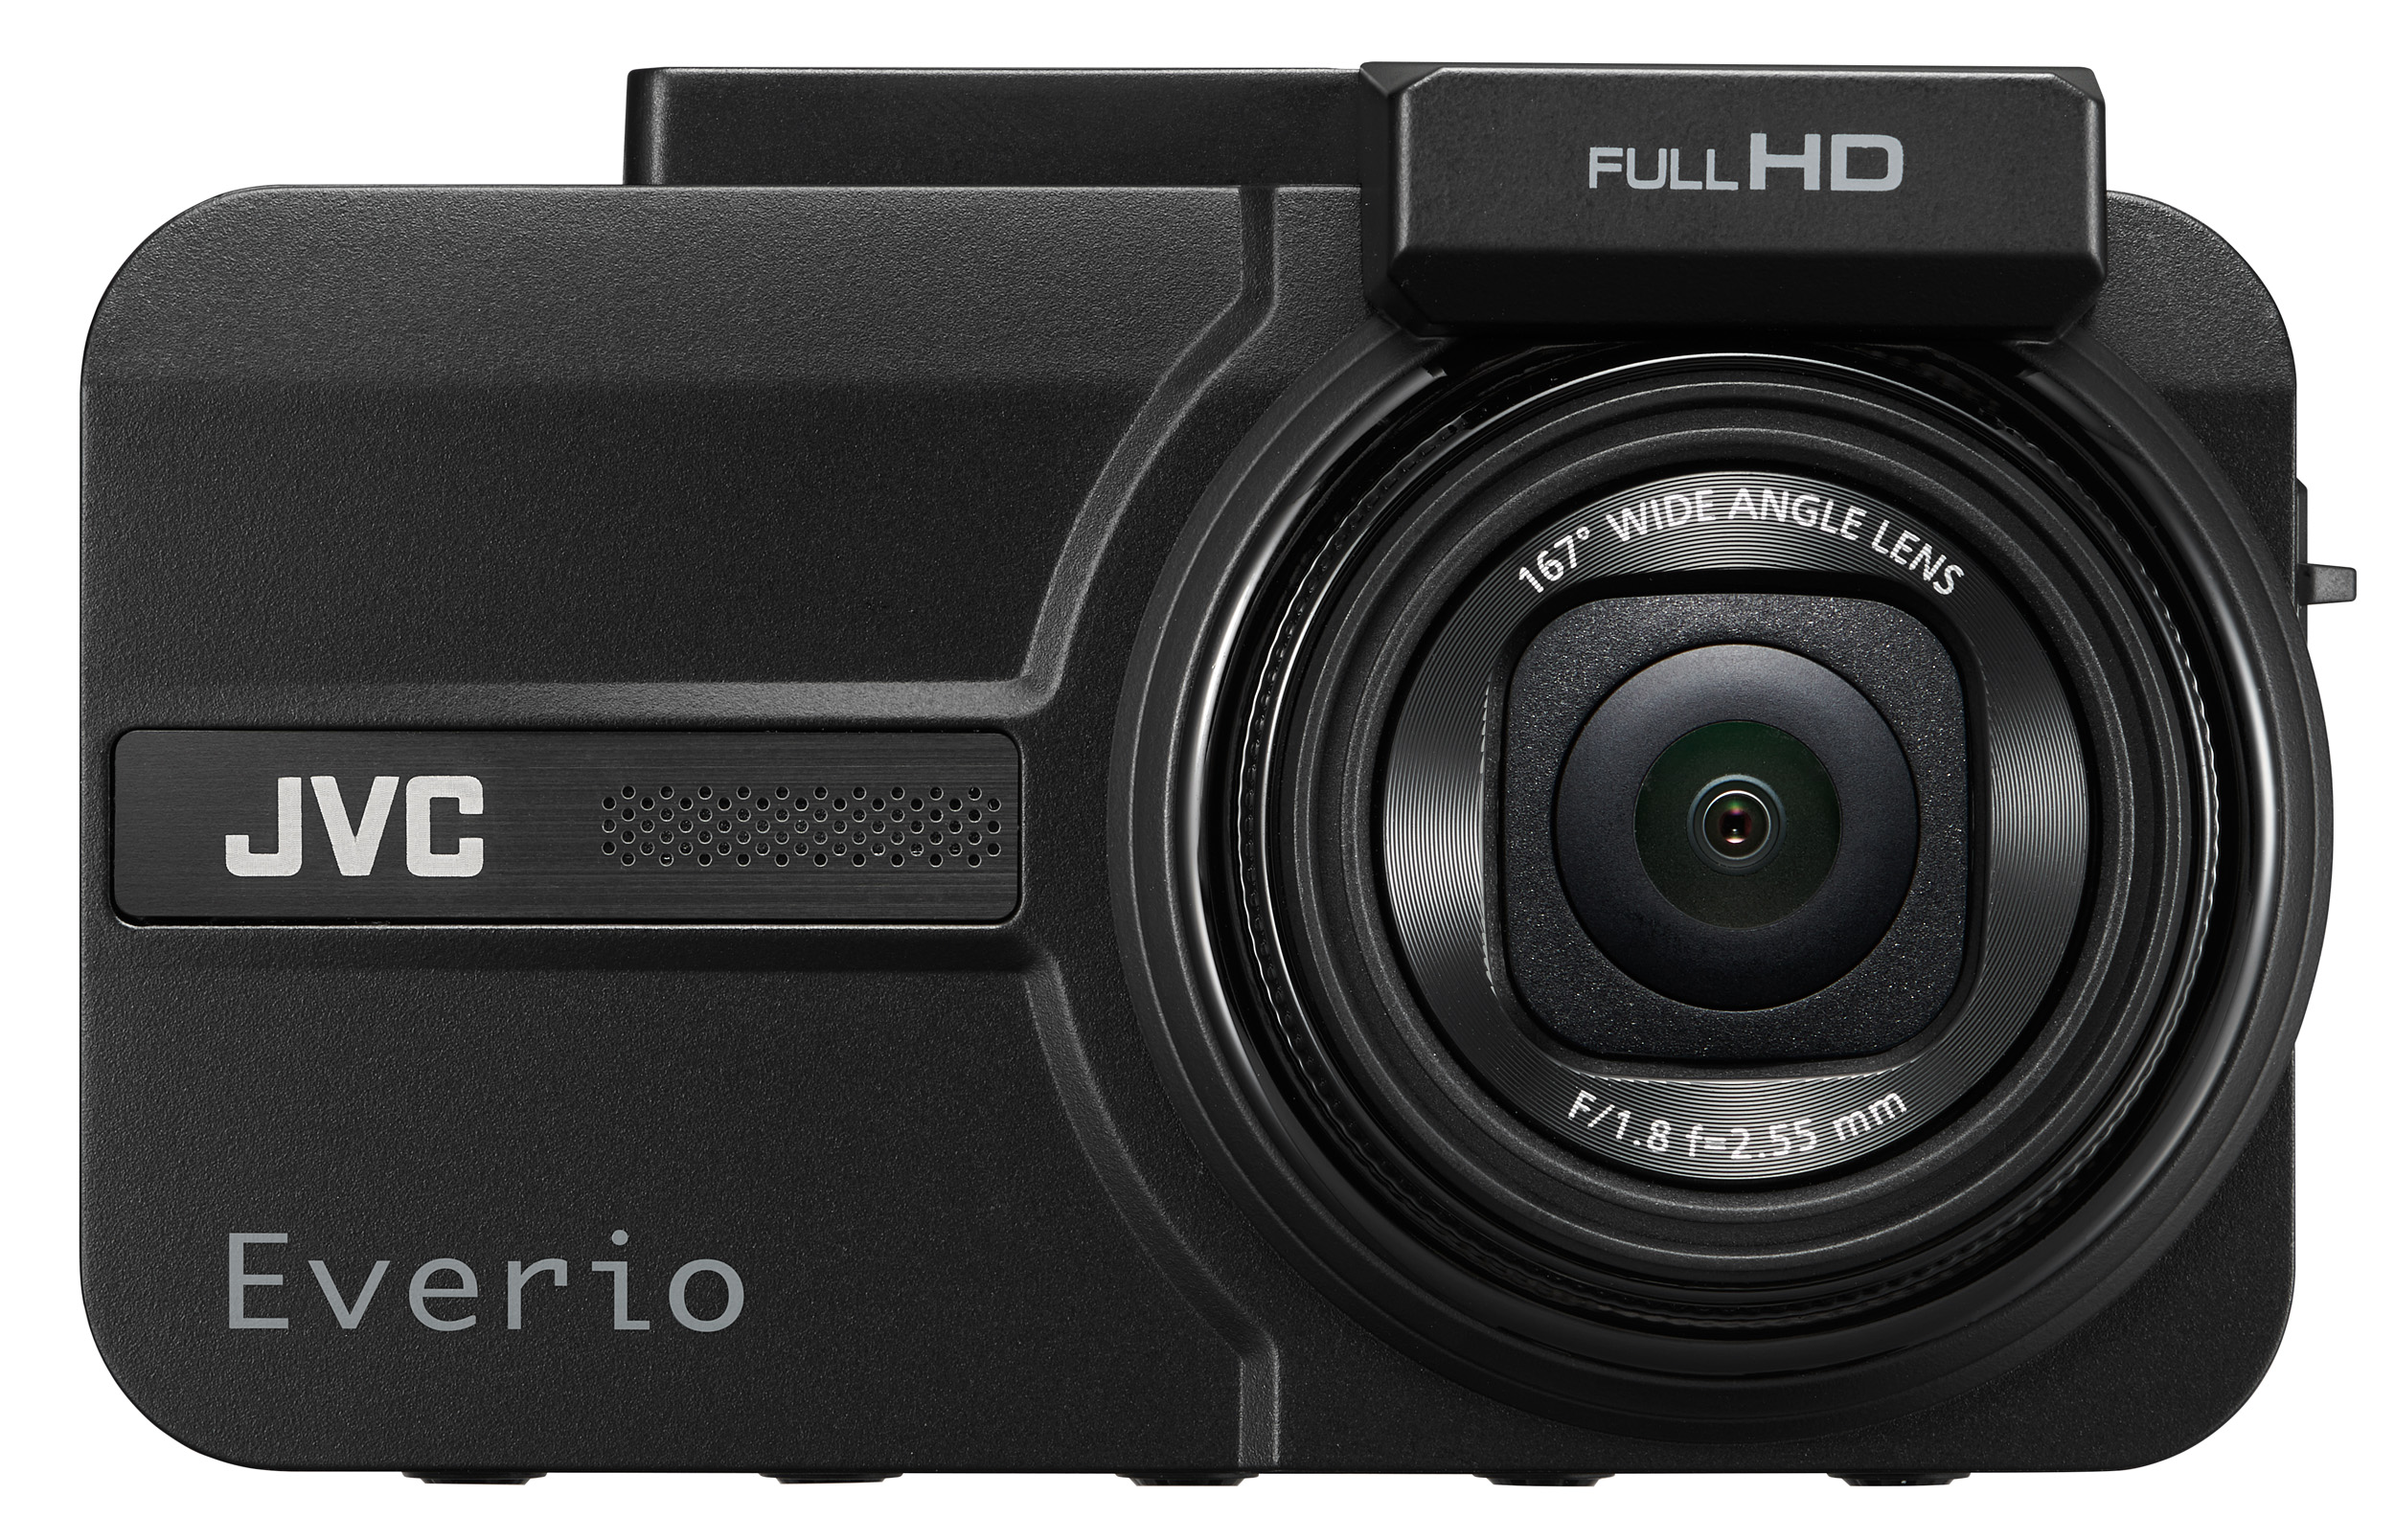 207万画素のフルハイビジョン画質であおり運転もしっかり記録するJVCの前後2カメラドライブレコーダー「Everio GC-TR100」